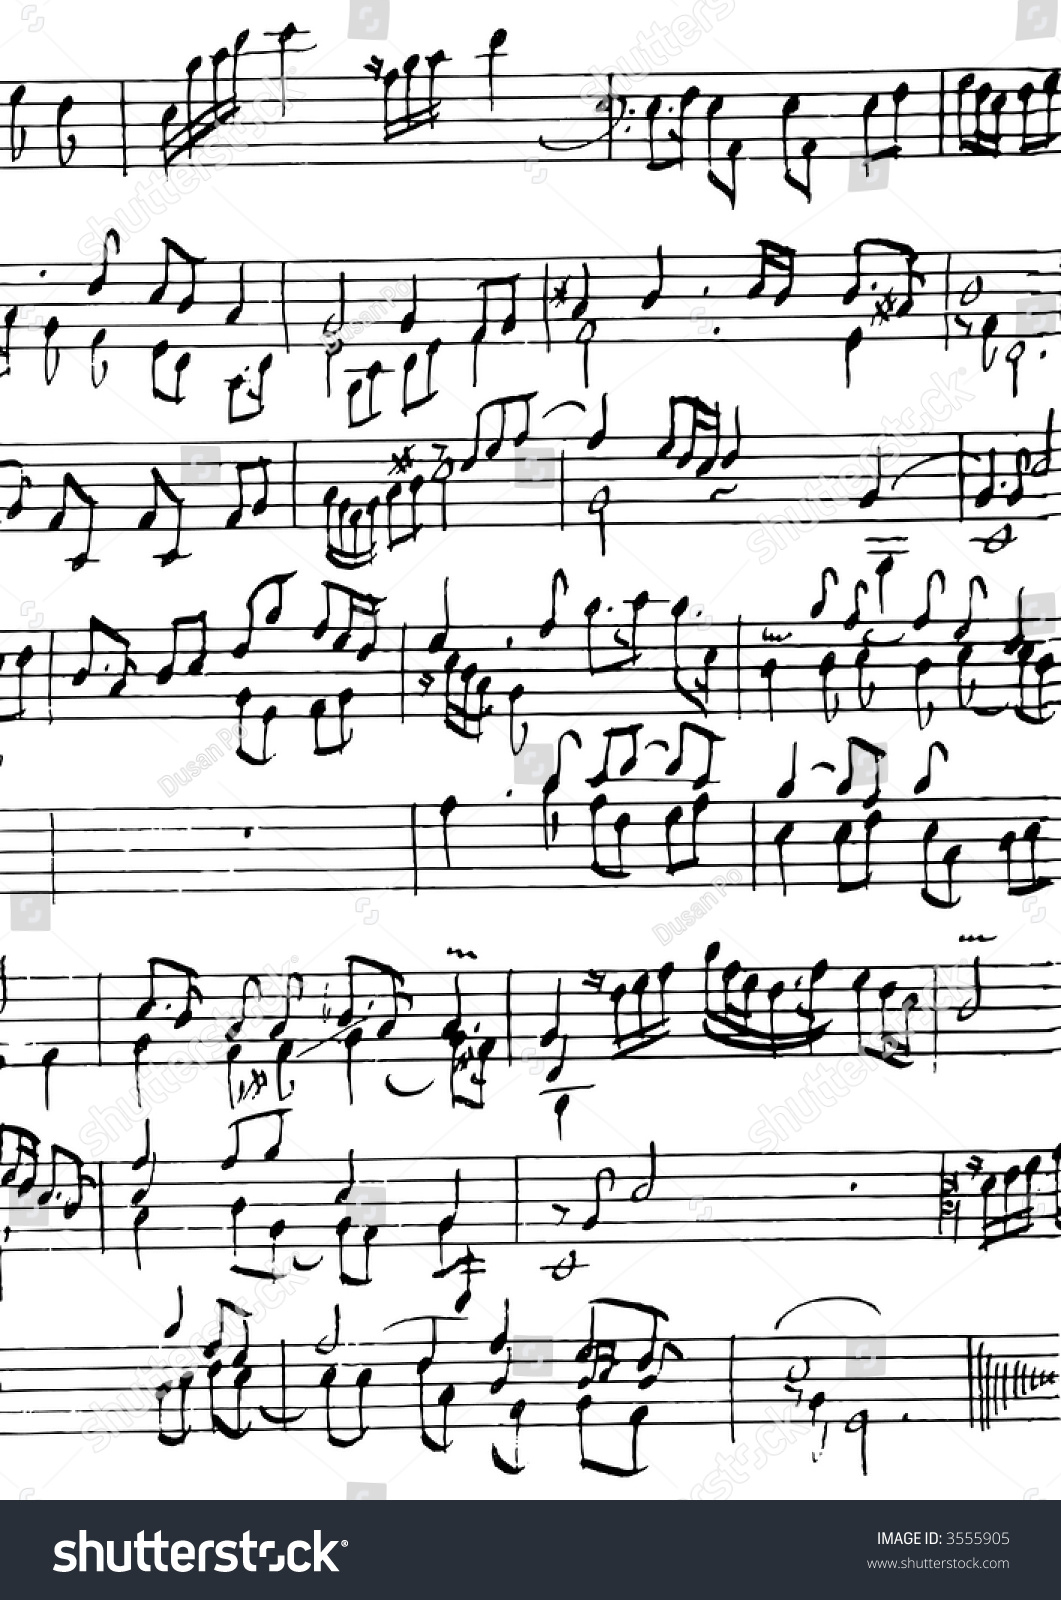 Music notes symbols manuscript vector illustration stock vector music notes and symbols manuscript vector illustration biocorpaavc Gallery